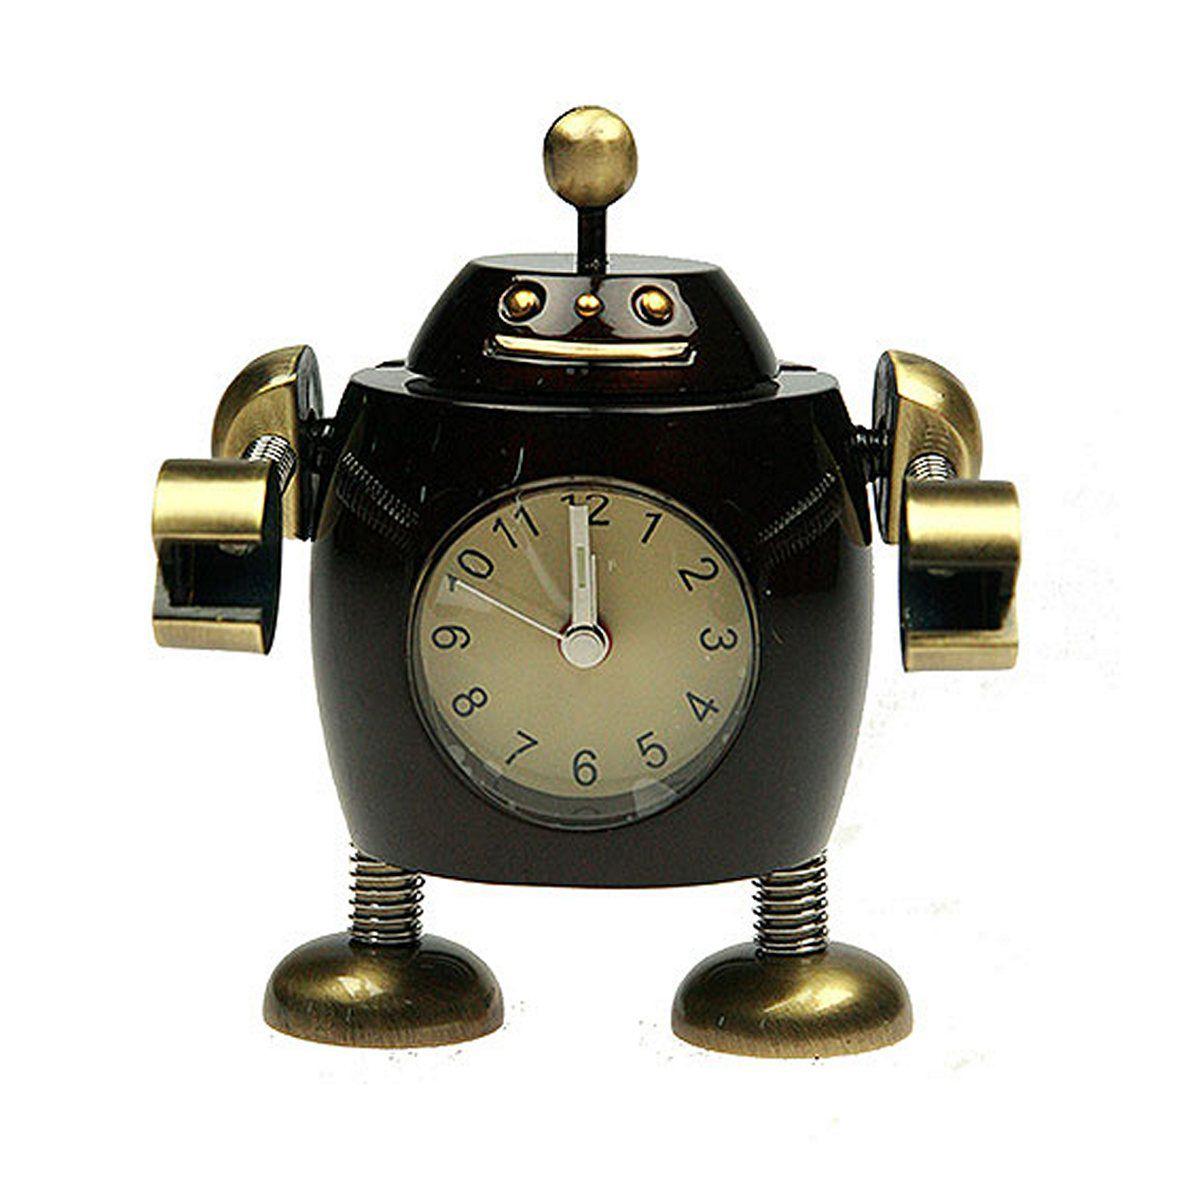 Часы настольные Русские Подарки Робот. 22433FS-91909Настольные кварцевые часы Русские Подарки Робот изготовлены из металла. Изделие оригинально оформлено в виде робота. Часы имеют три стрелки - часовую, минутную и секундную.Такие часы украсят интерьер дома или рабочий стол в офисе. Также часы могут стать уникальным, полезным подарком для родственников, коллег, знакомых и близких.Часы работают от батареек типа SR626 (в комплект не входят).